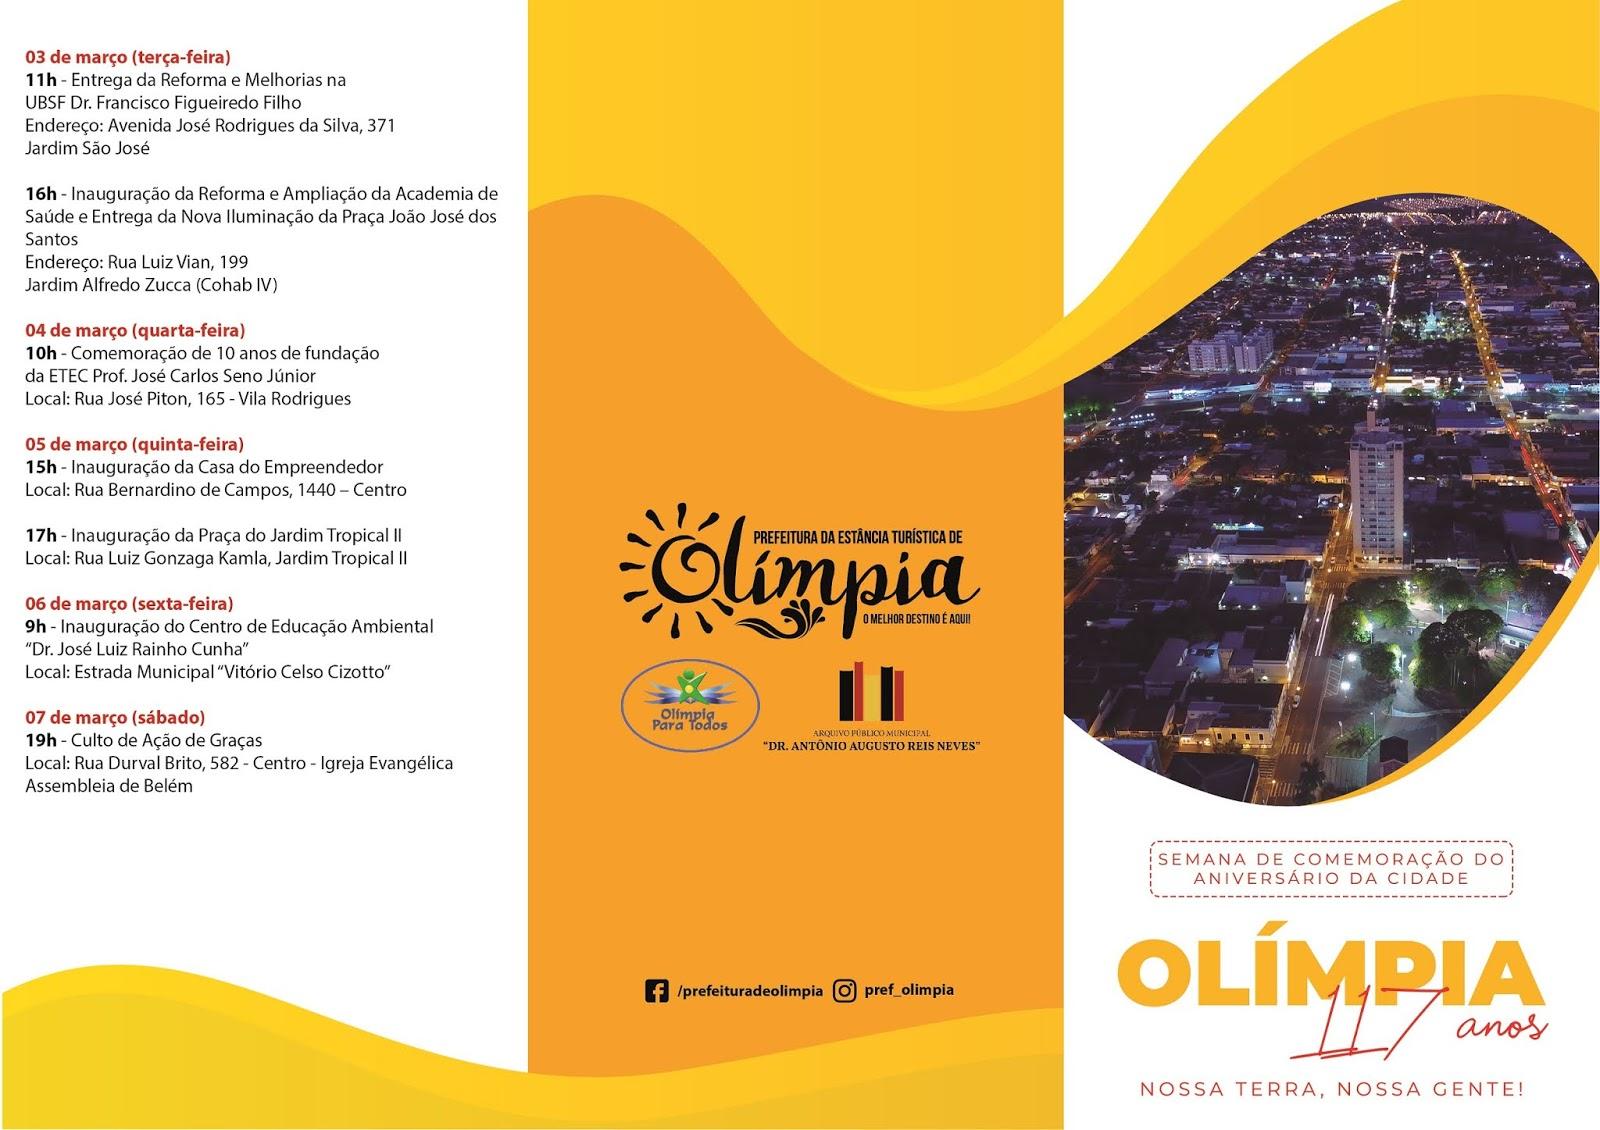 Olímpia divulga programação para o aniversário da cidade